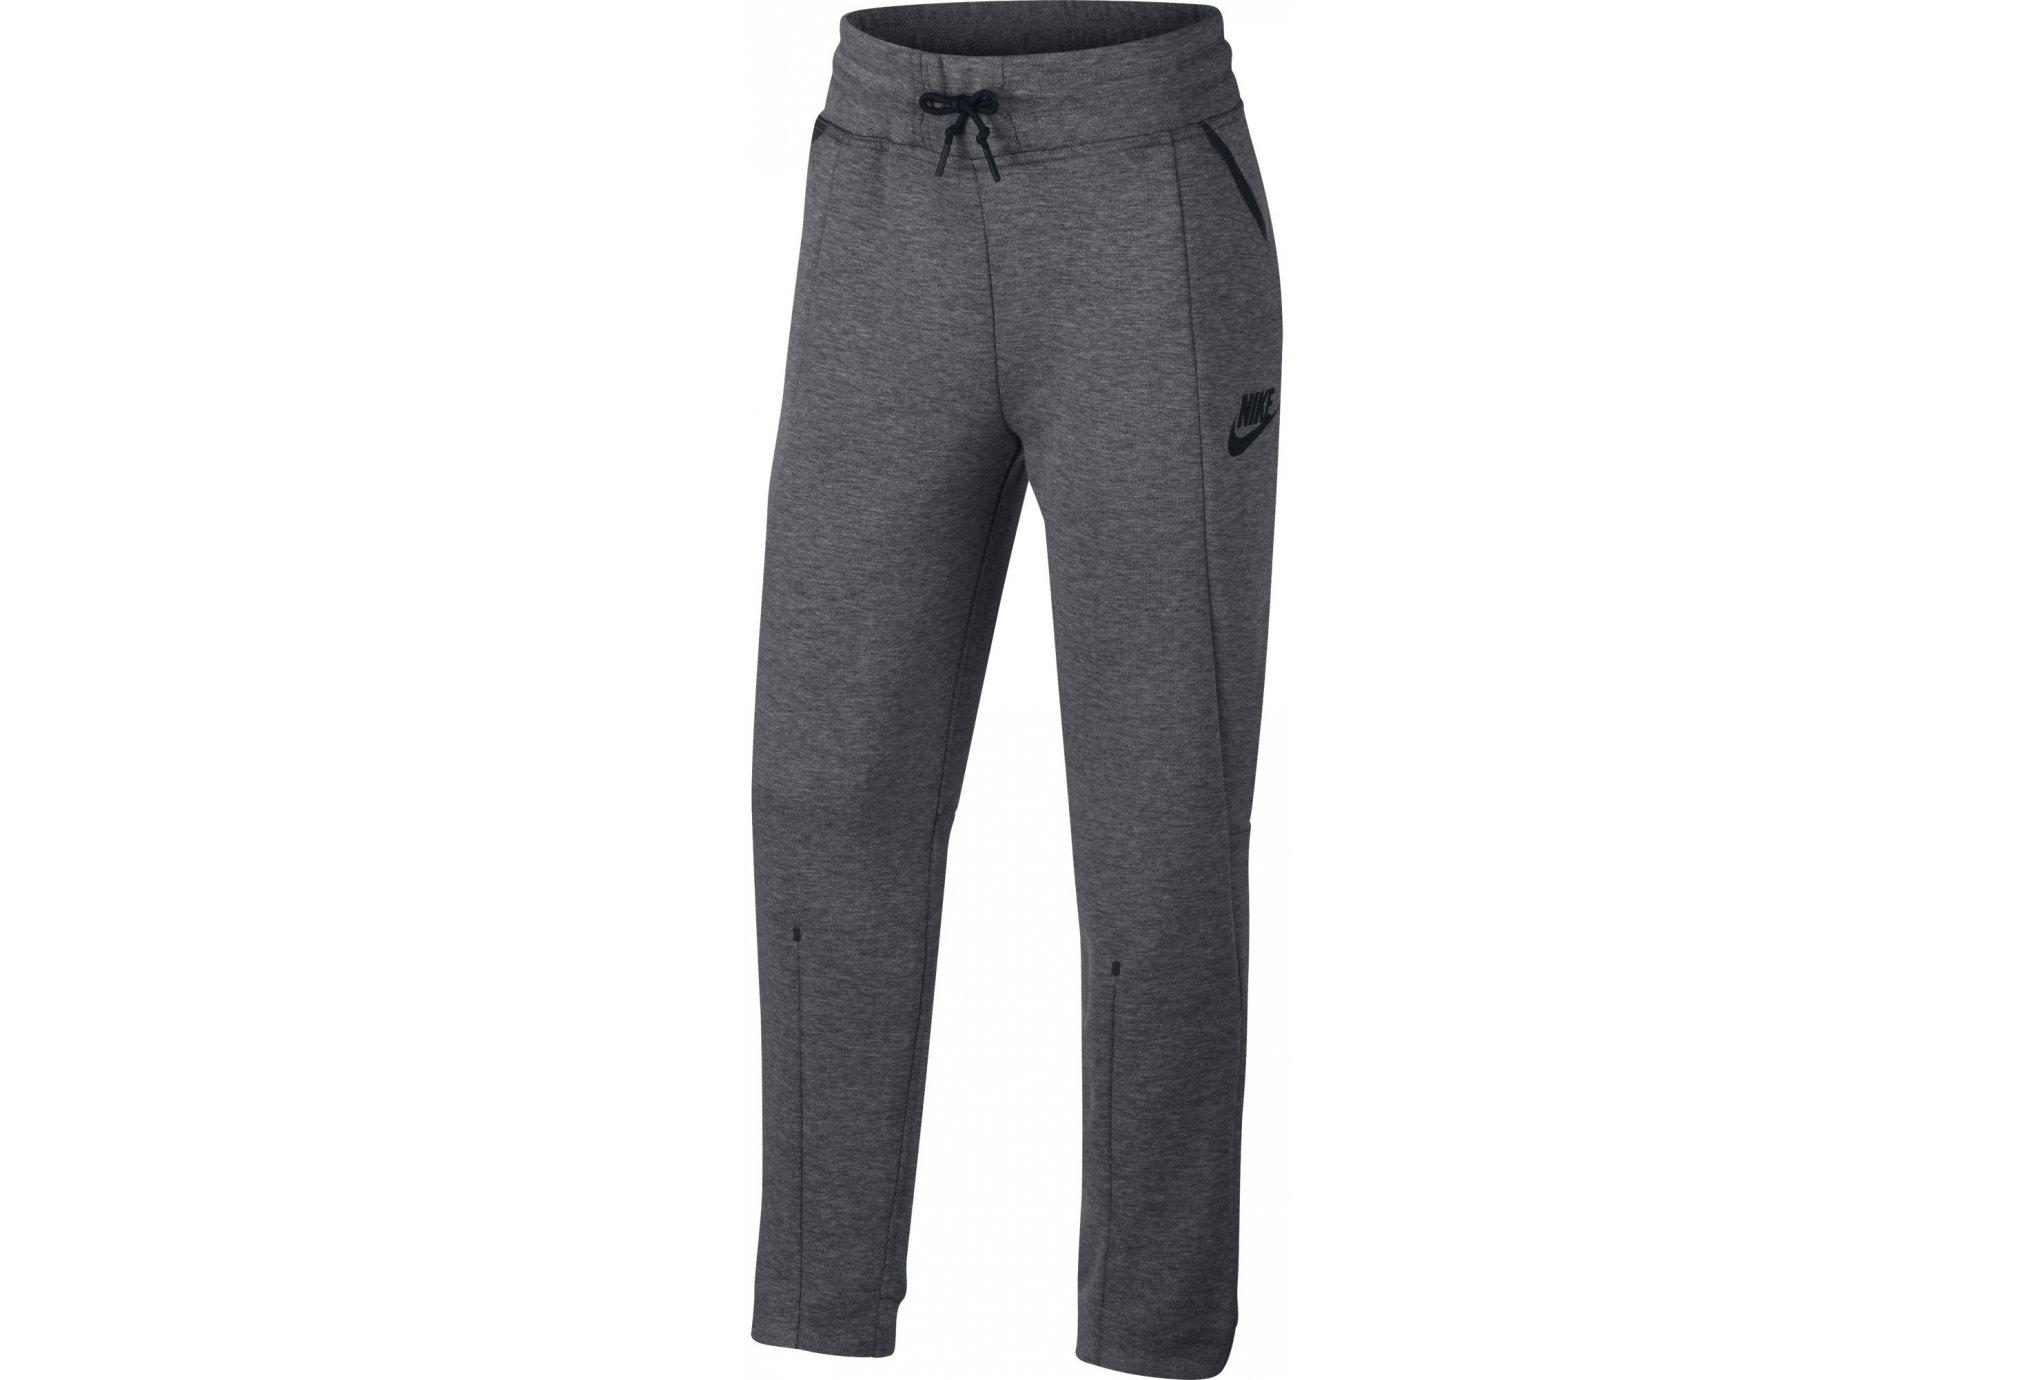 Nike Tech Fleece Fille vêtement running femme